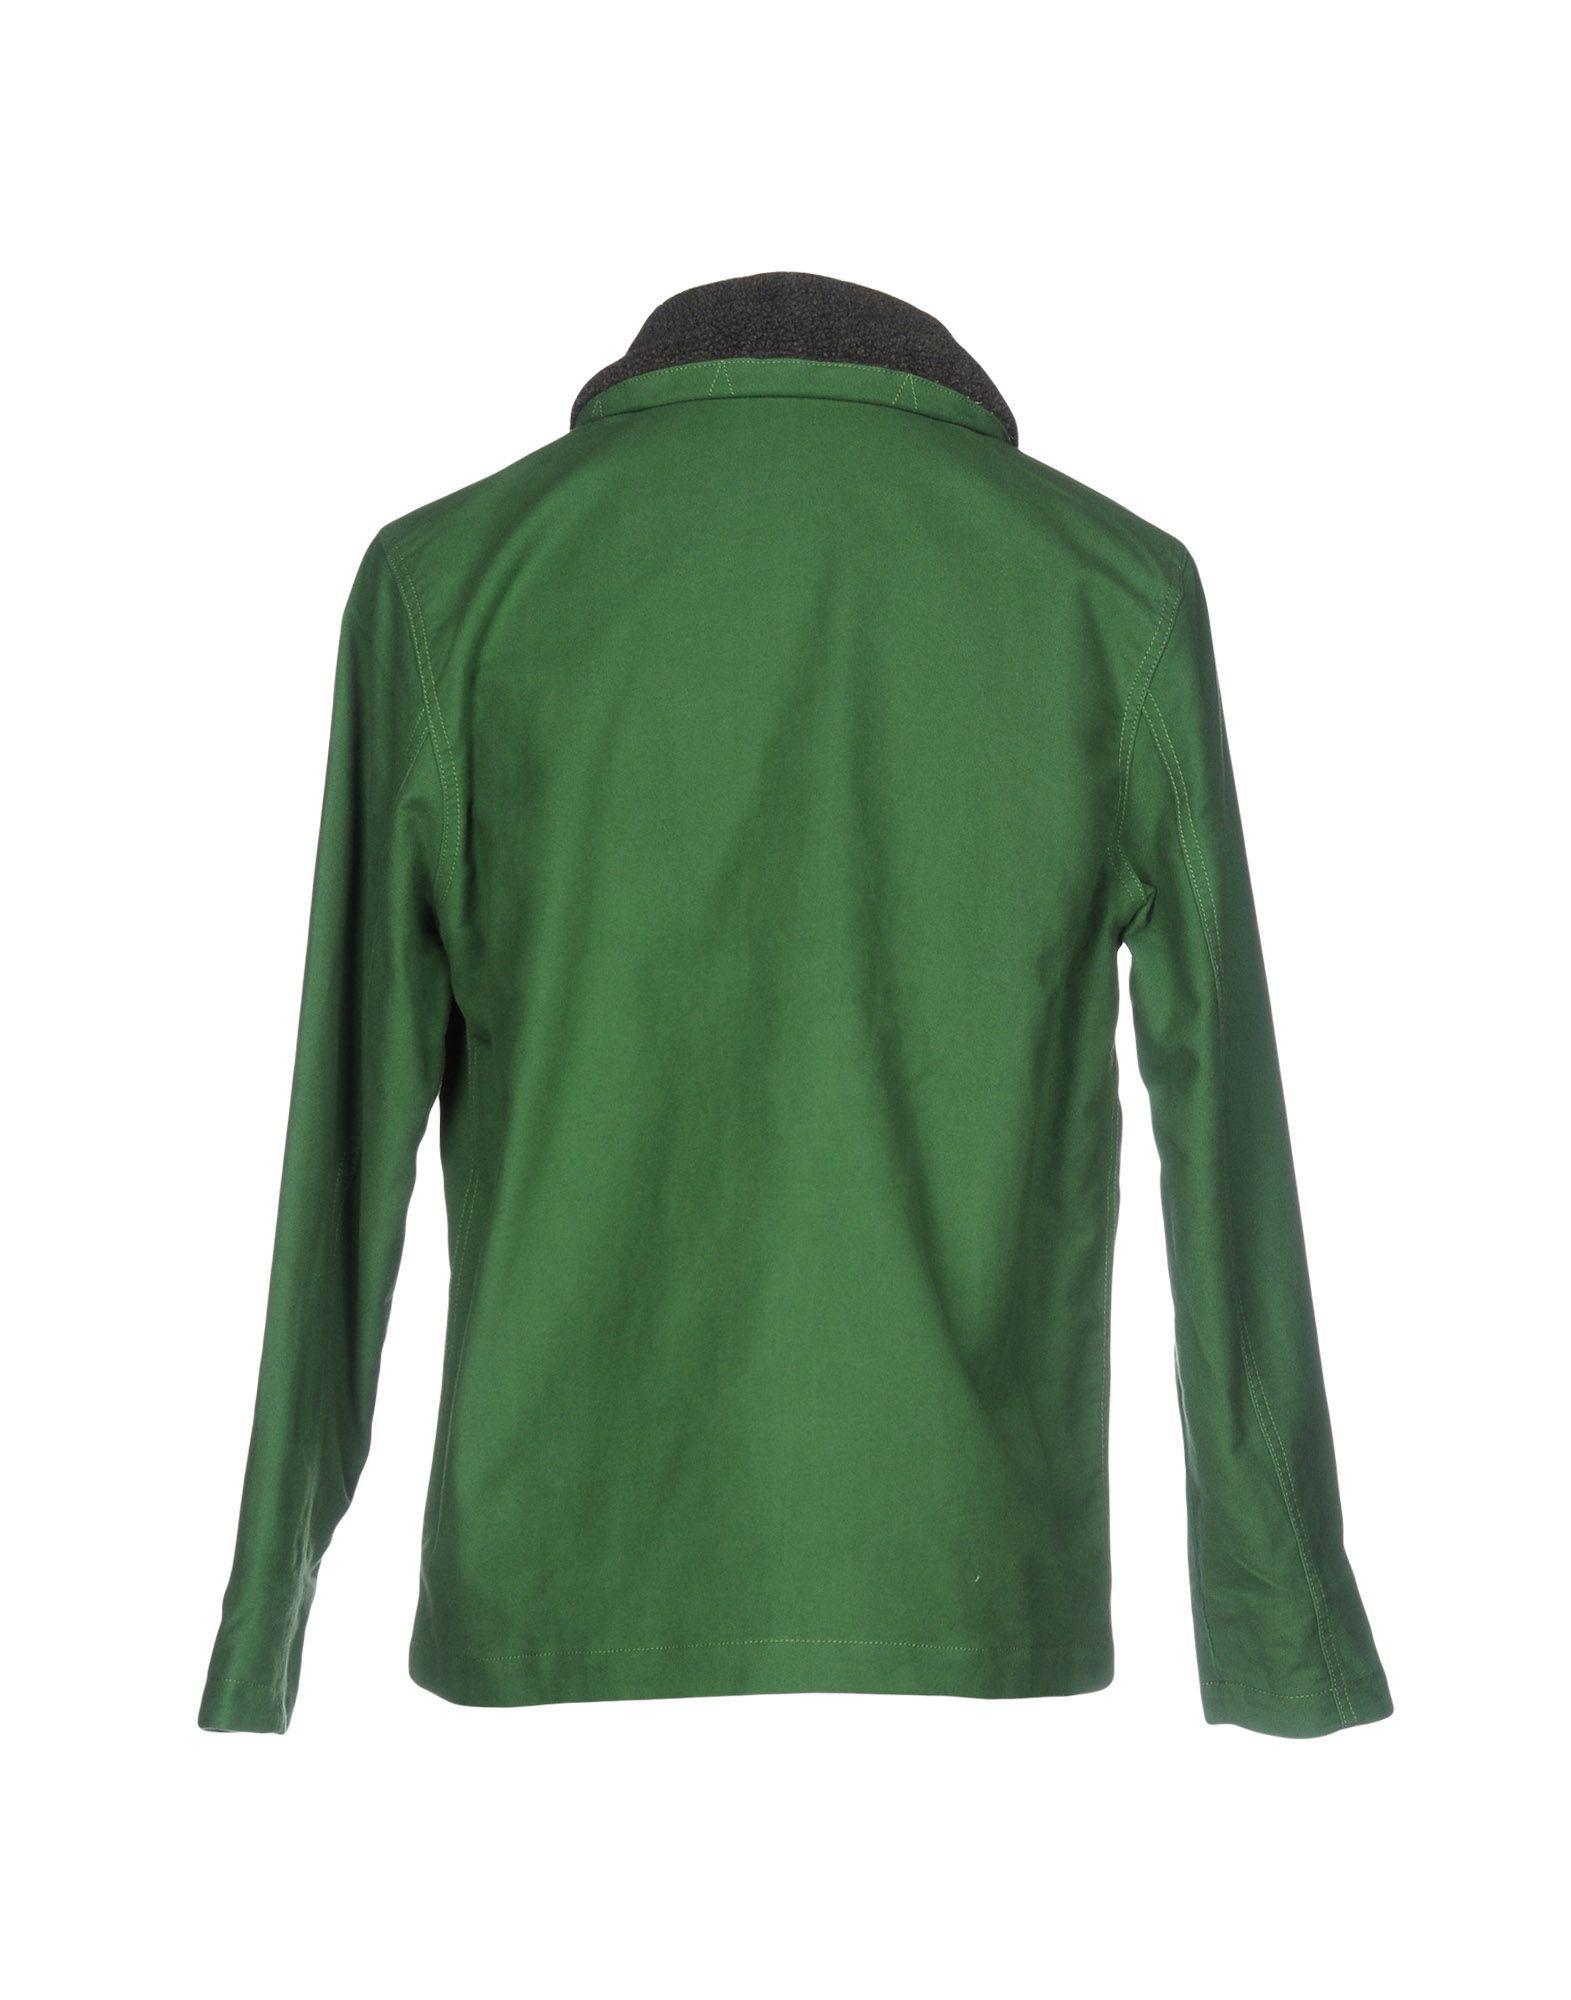 Poler Flannel Jacket in Green for Men